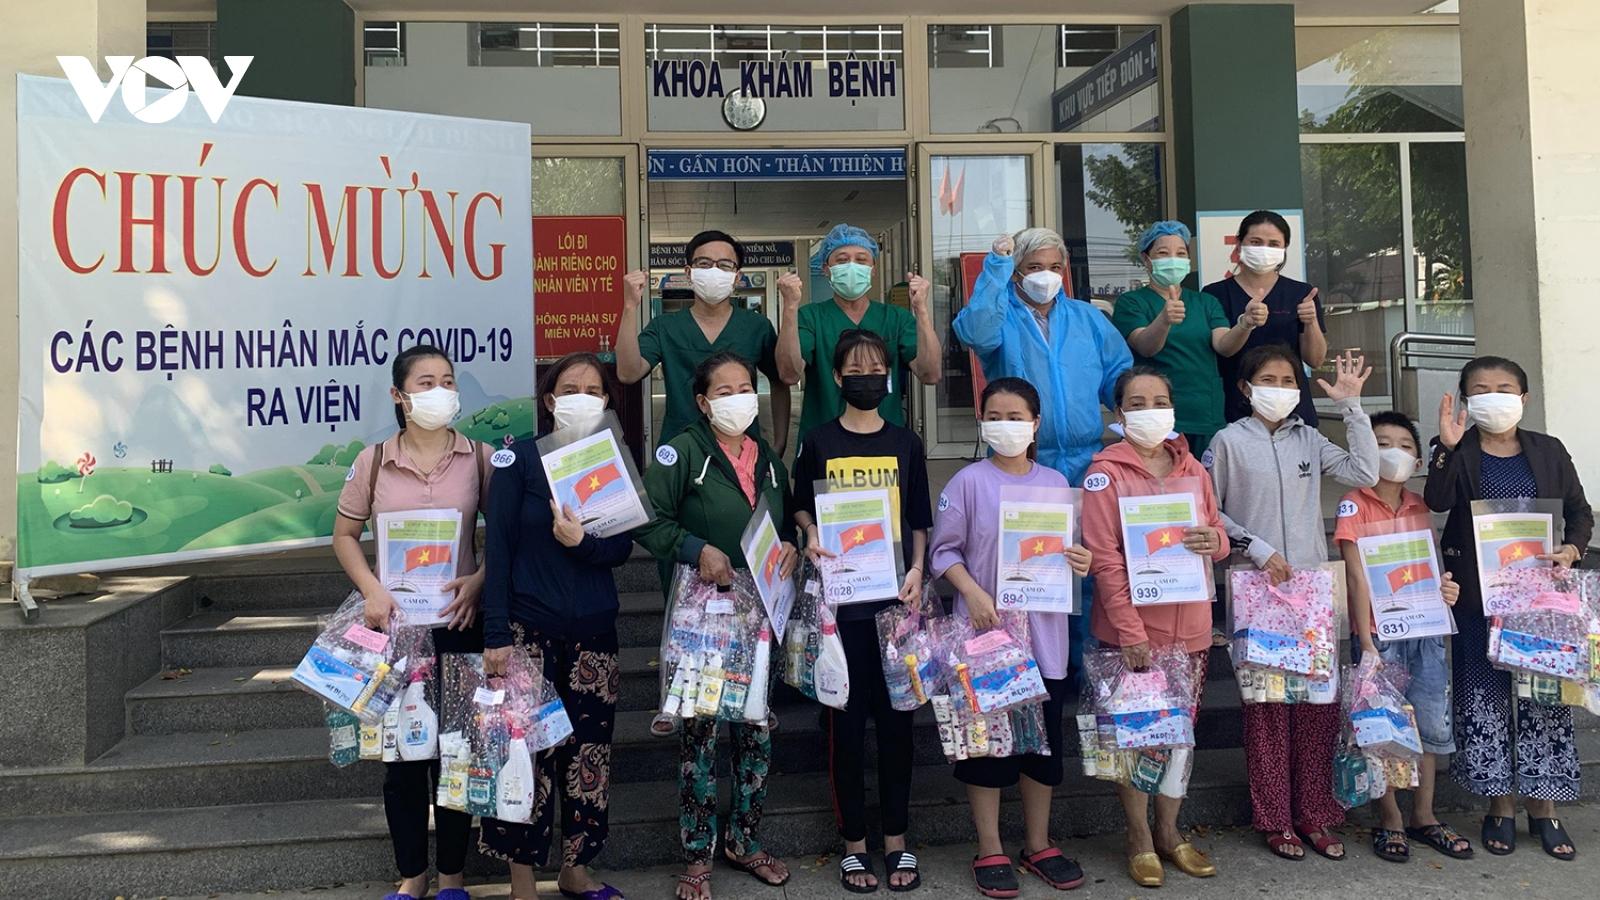 Bệnh viện dã chiến Hòa Vang chỉ còn 13 bệnh nhân Covid-19